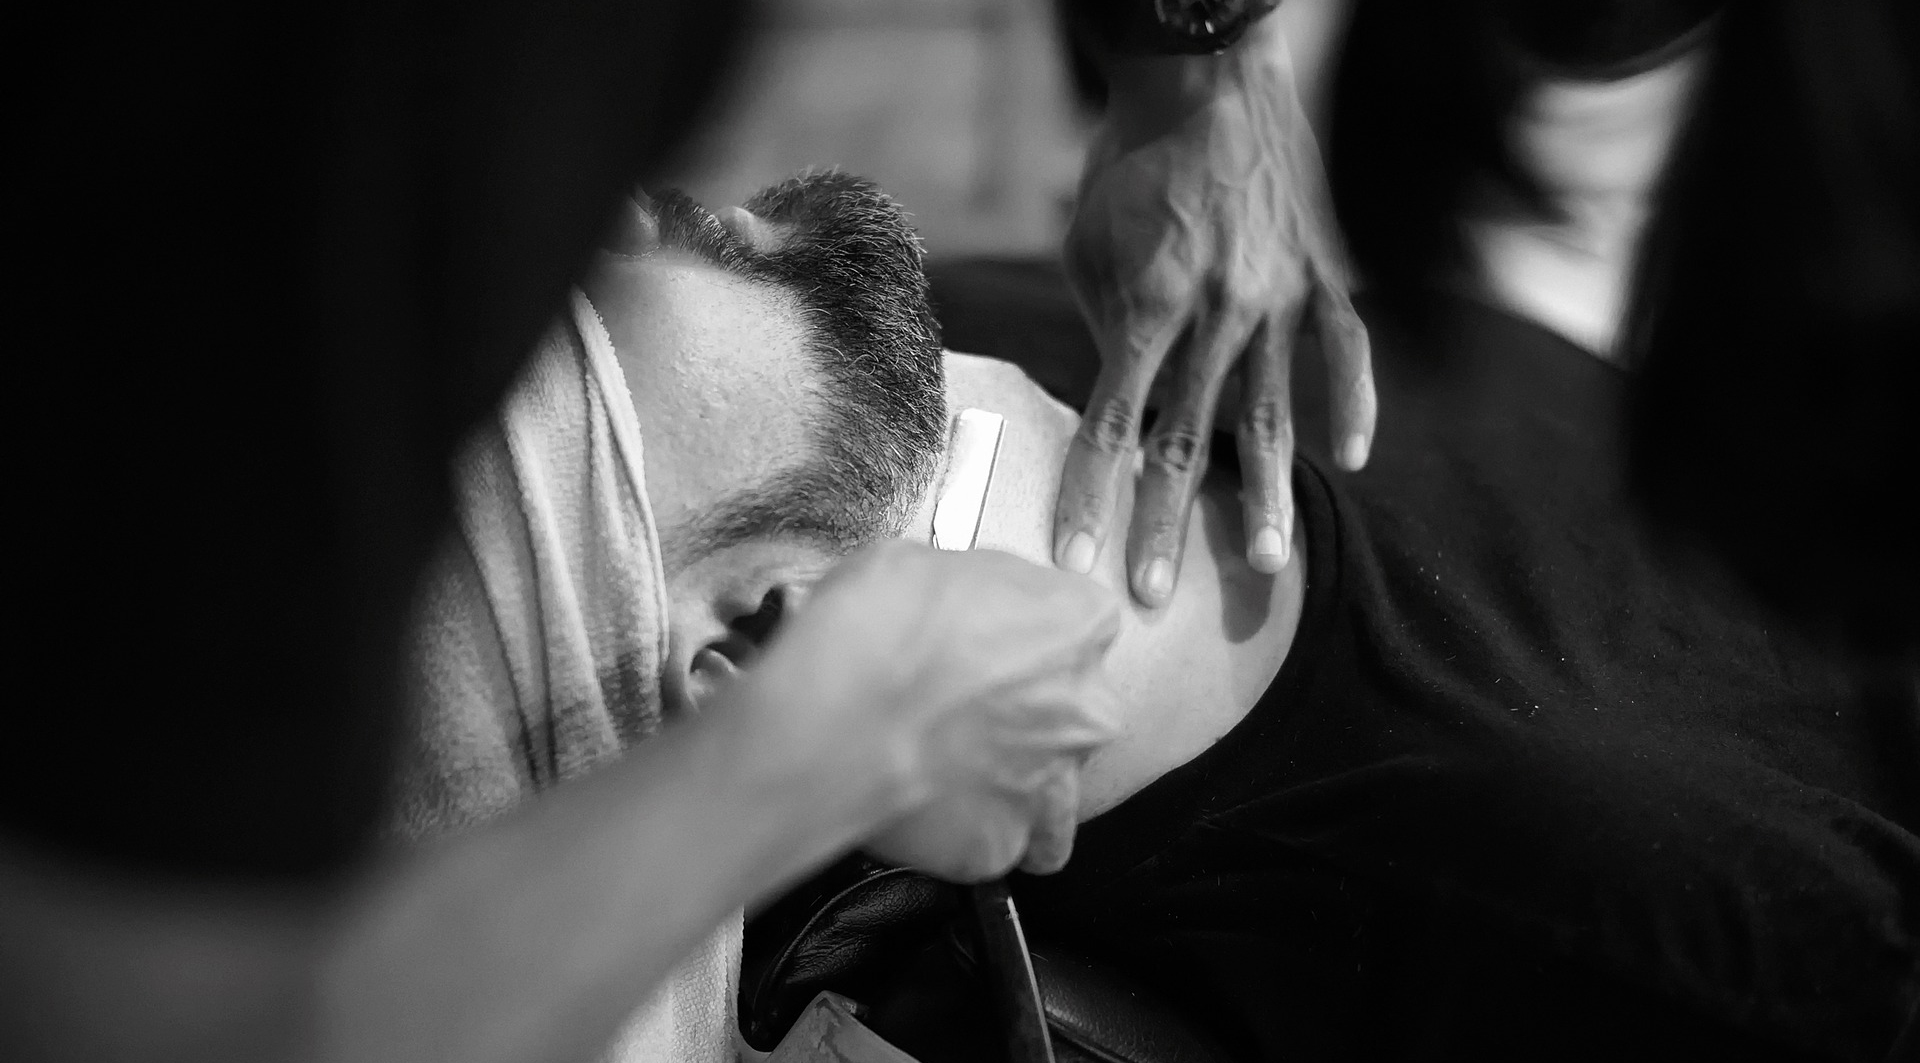 Il barbiere mestiere antichissimo